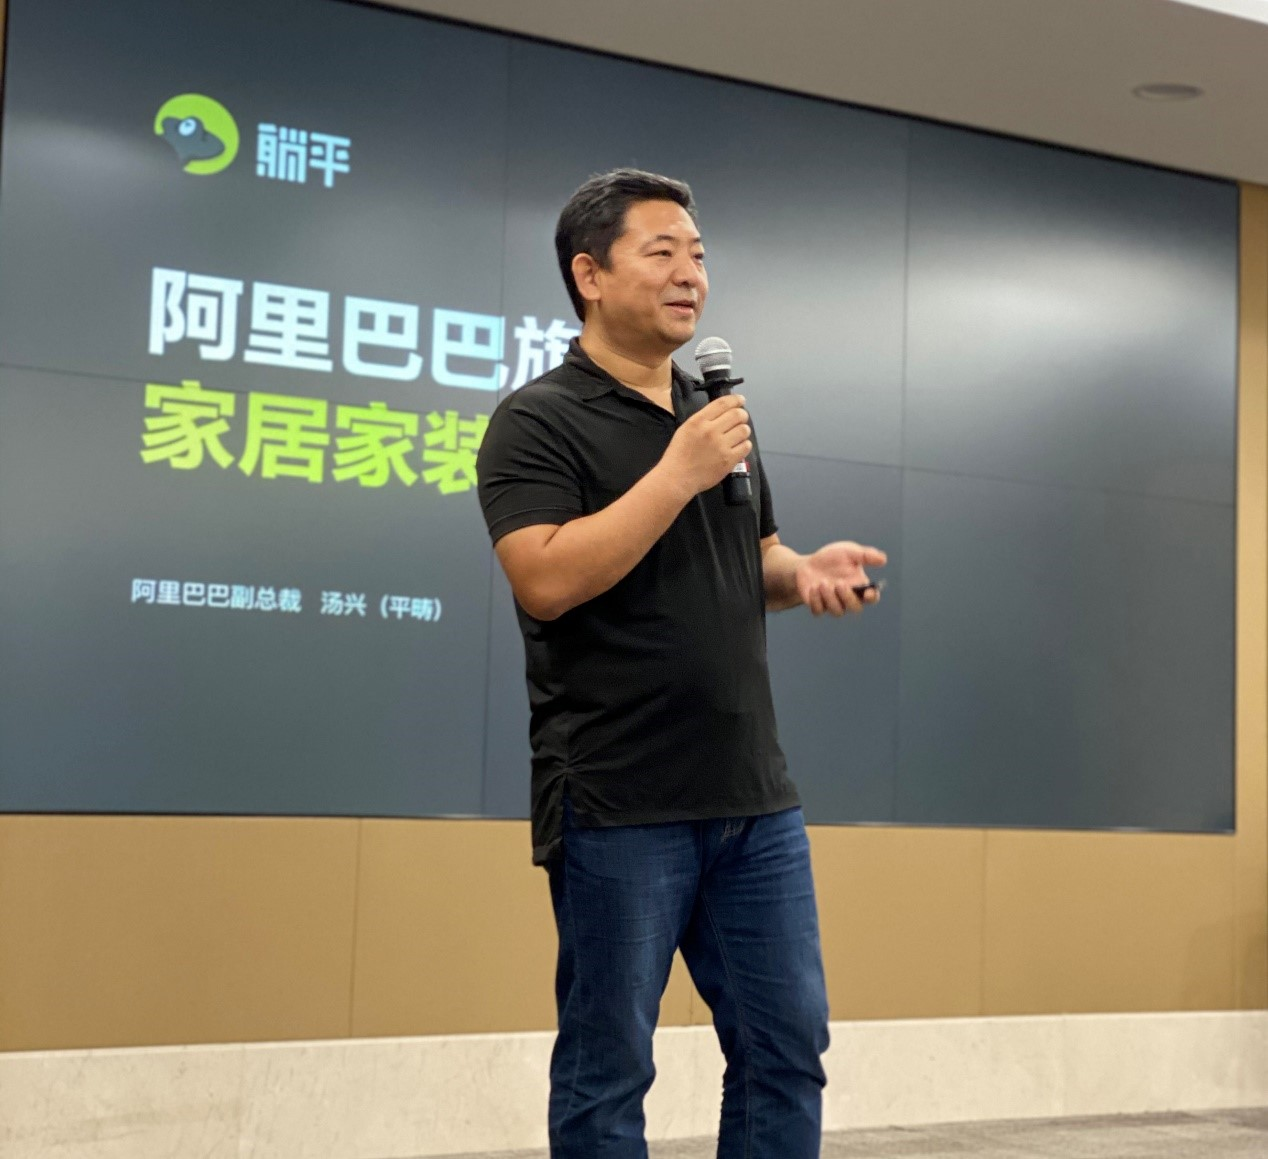 """淘宝发布家居平台""""躺平"""":三年内将服务一亿家居消费者"""